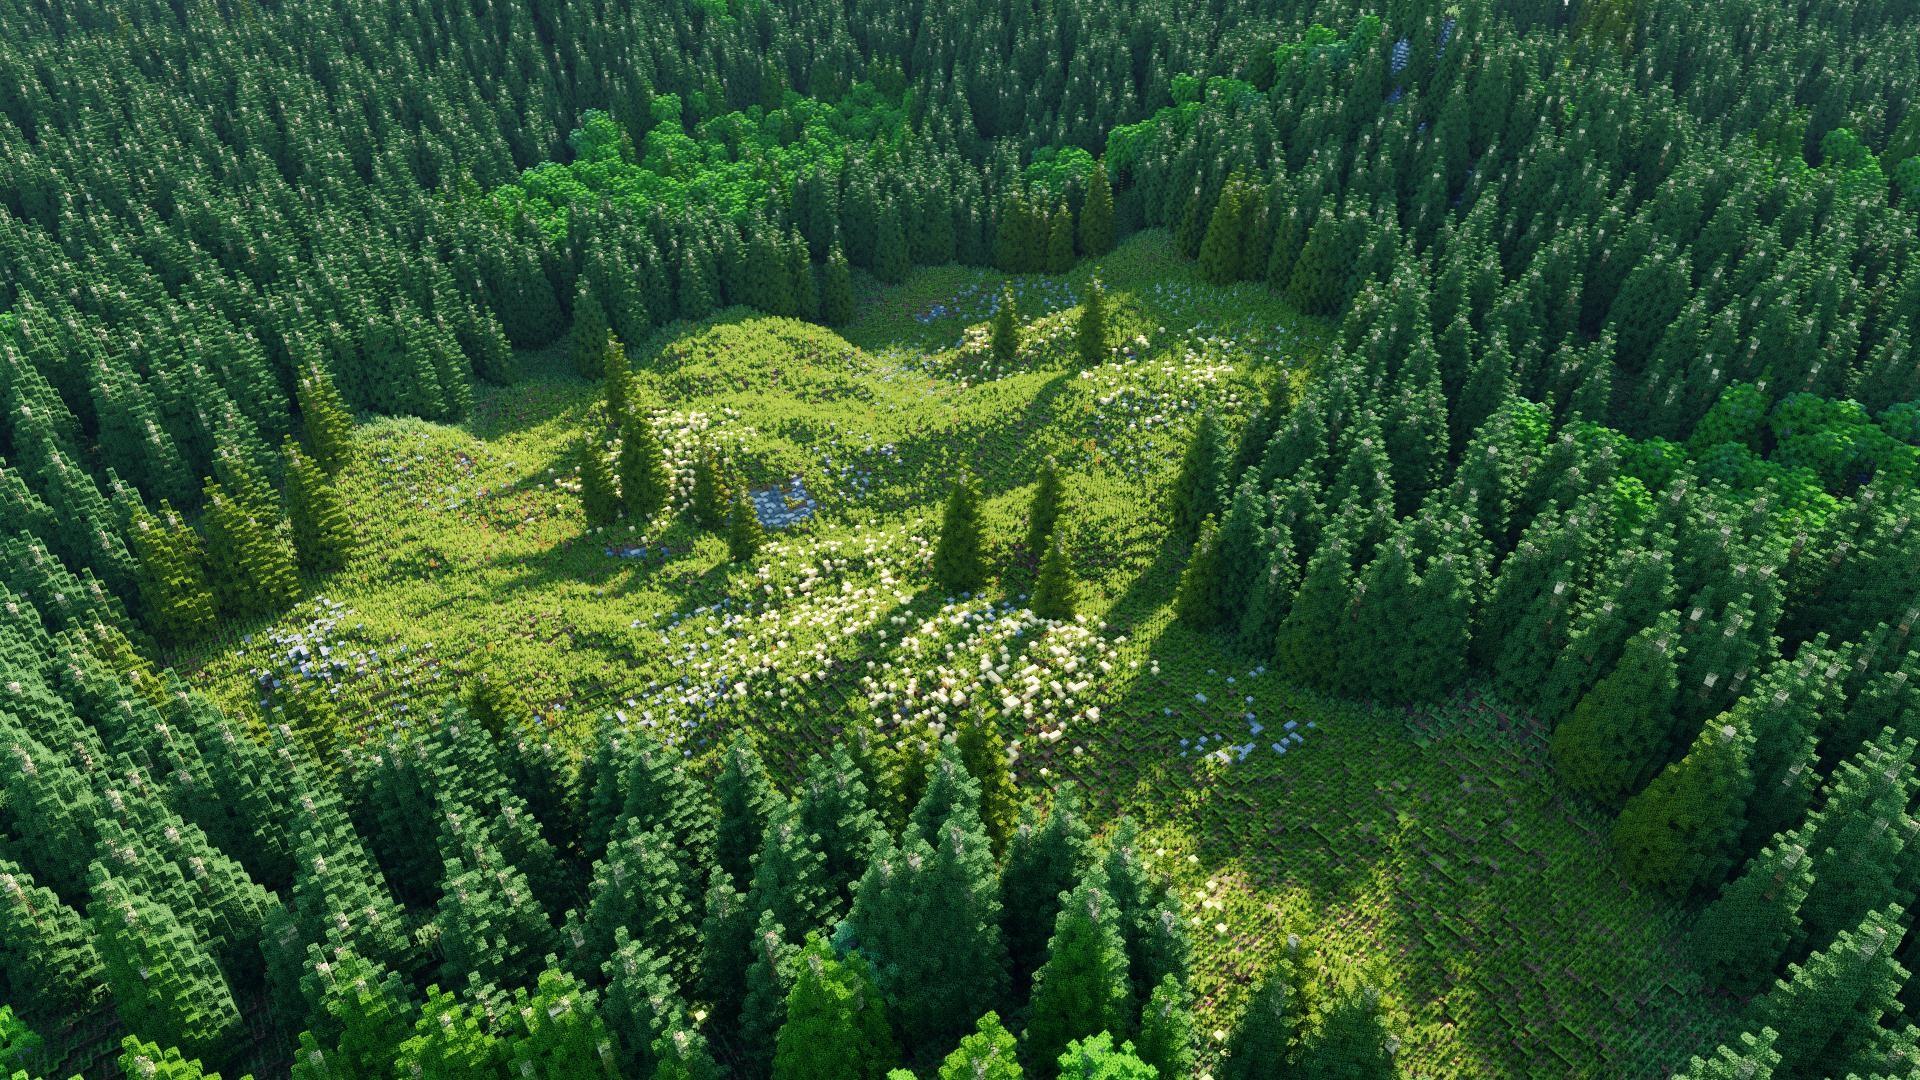 Wallpaper : landscape, grass, field, Minecraft, Chunky, green, national park, wilderness, bird's eye view, mount scenery, rainforest, conifer, ...